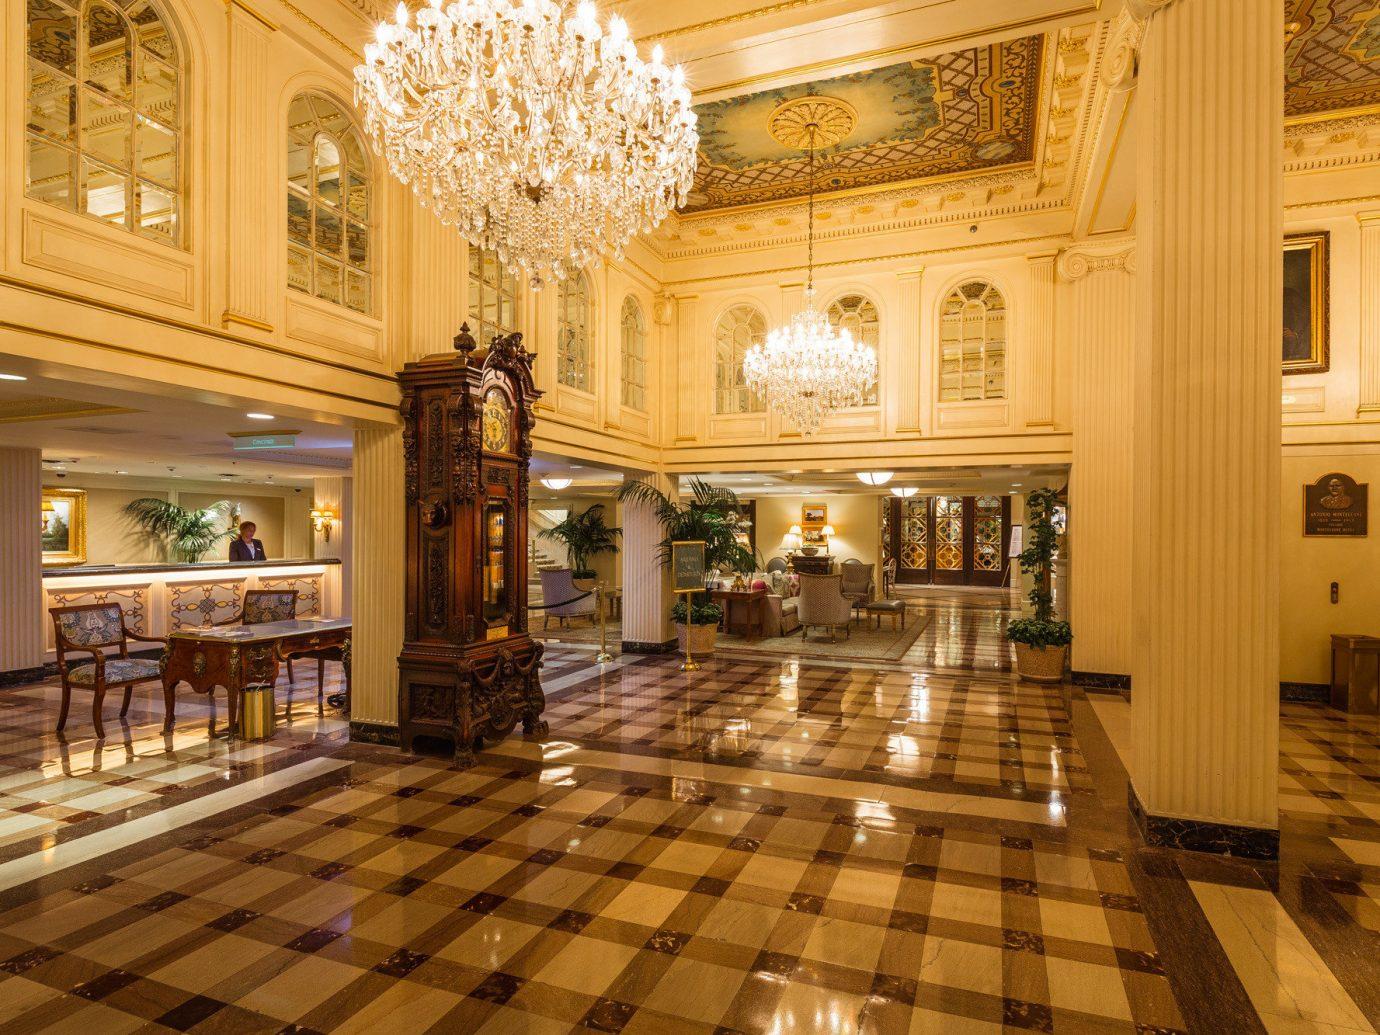 Hotels indoor floor Lobby interior design ceiling function hall flooring estate ballroom hall hotel